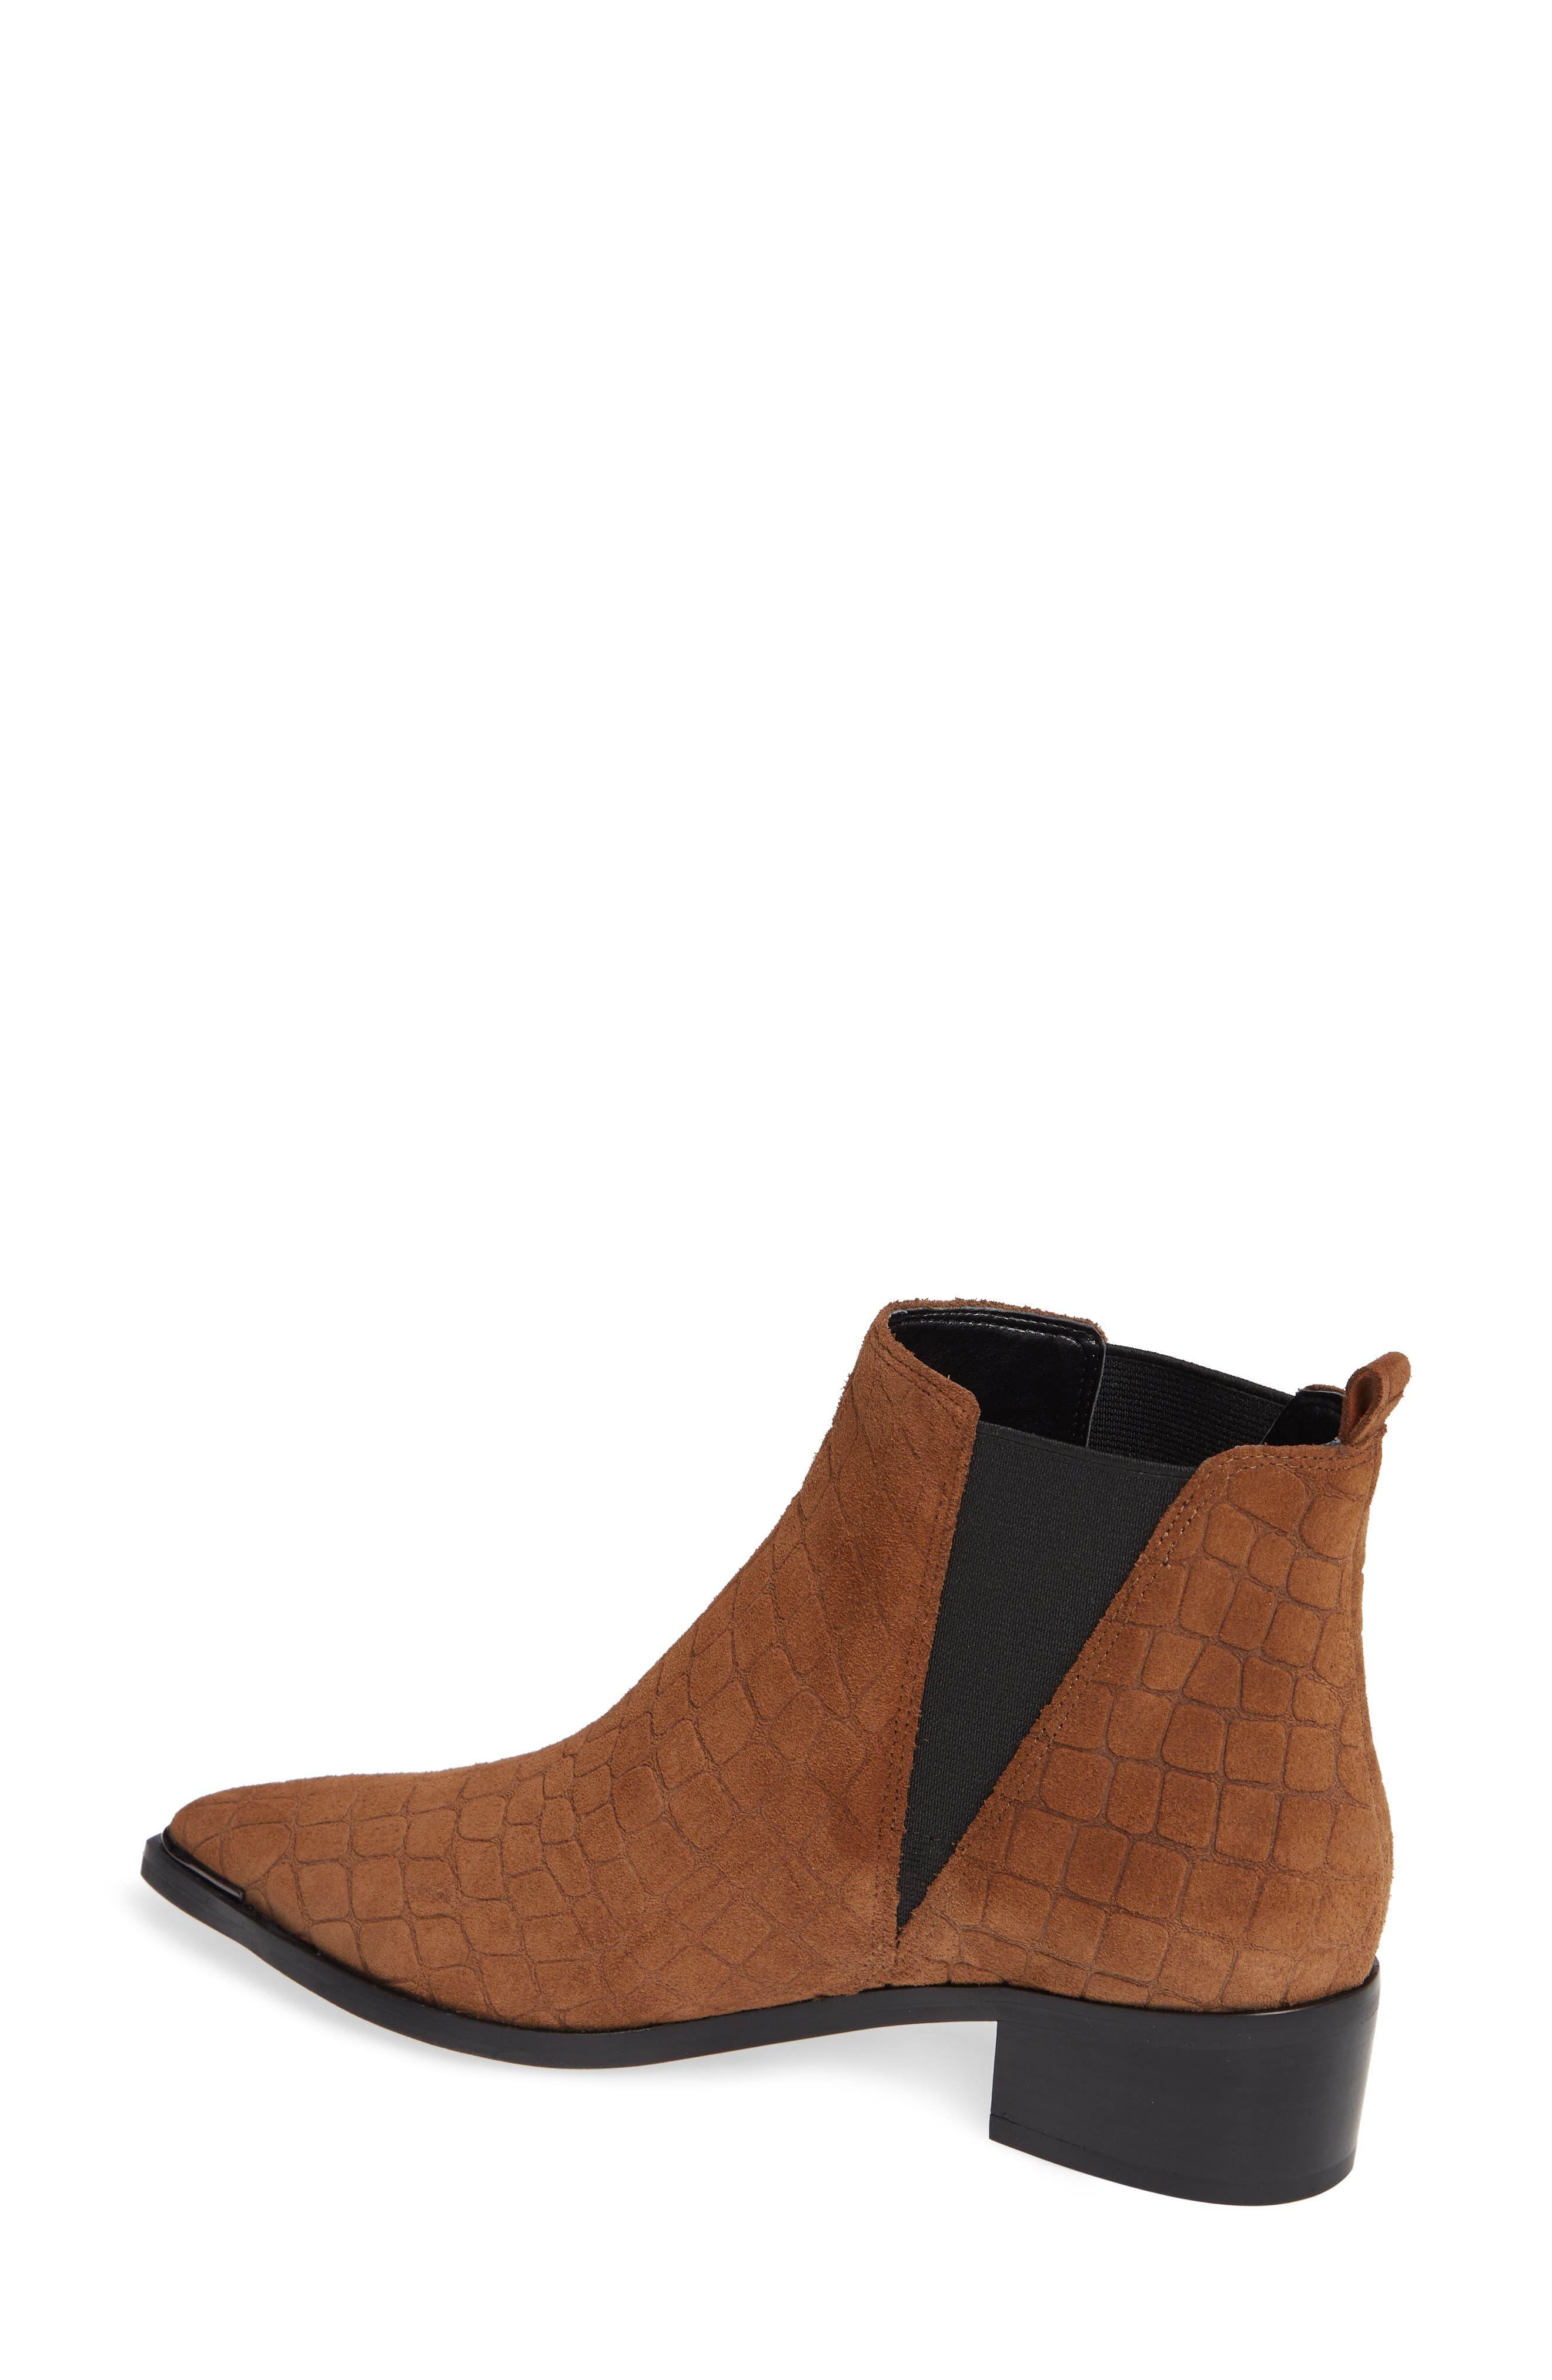 'Yale' Chelsea Boot,                             Alternate thumbnail 2, color,                             Cognac Suede